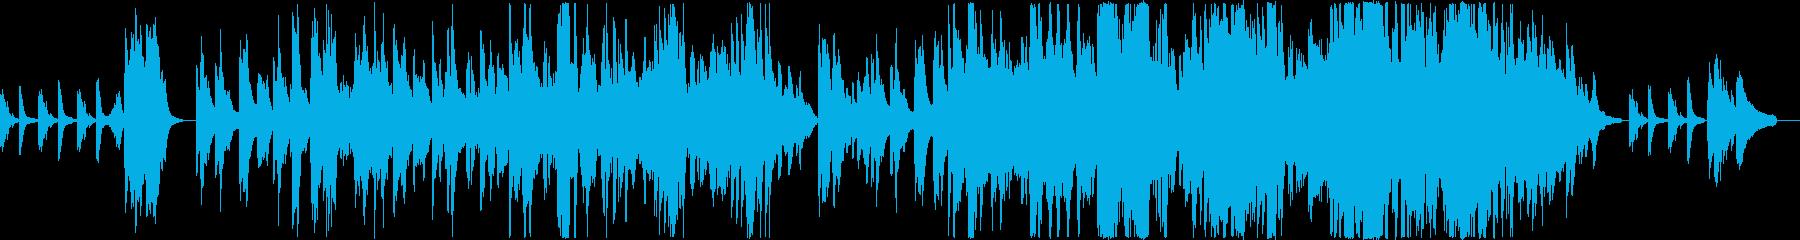 泣きたい時に聴くピアノバラードの再生済みの波形